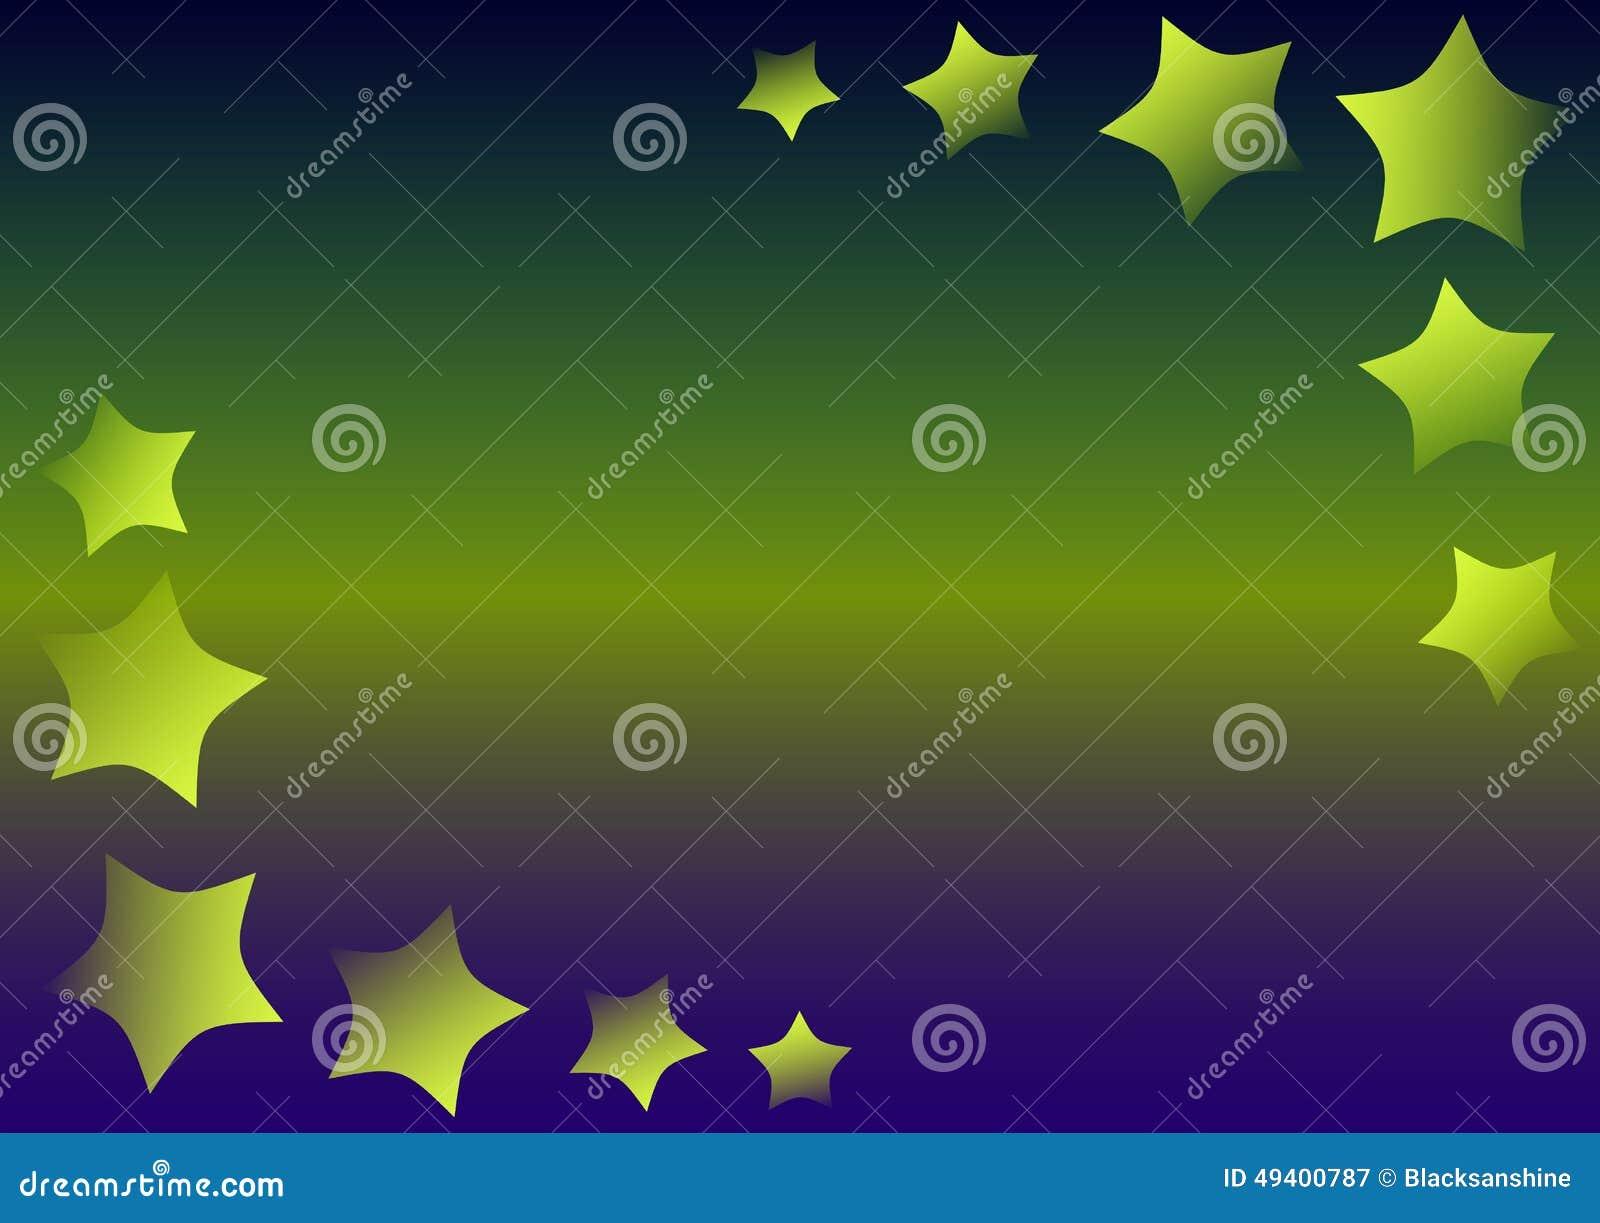 Download Sterne auf einer Steigung vektor abbildung. Illustration von farbton - 49400787